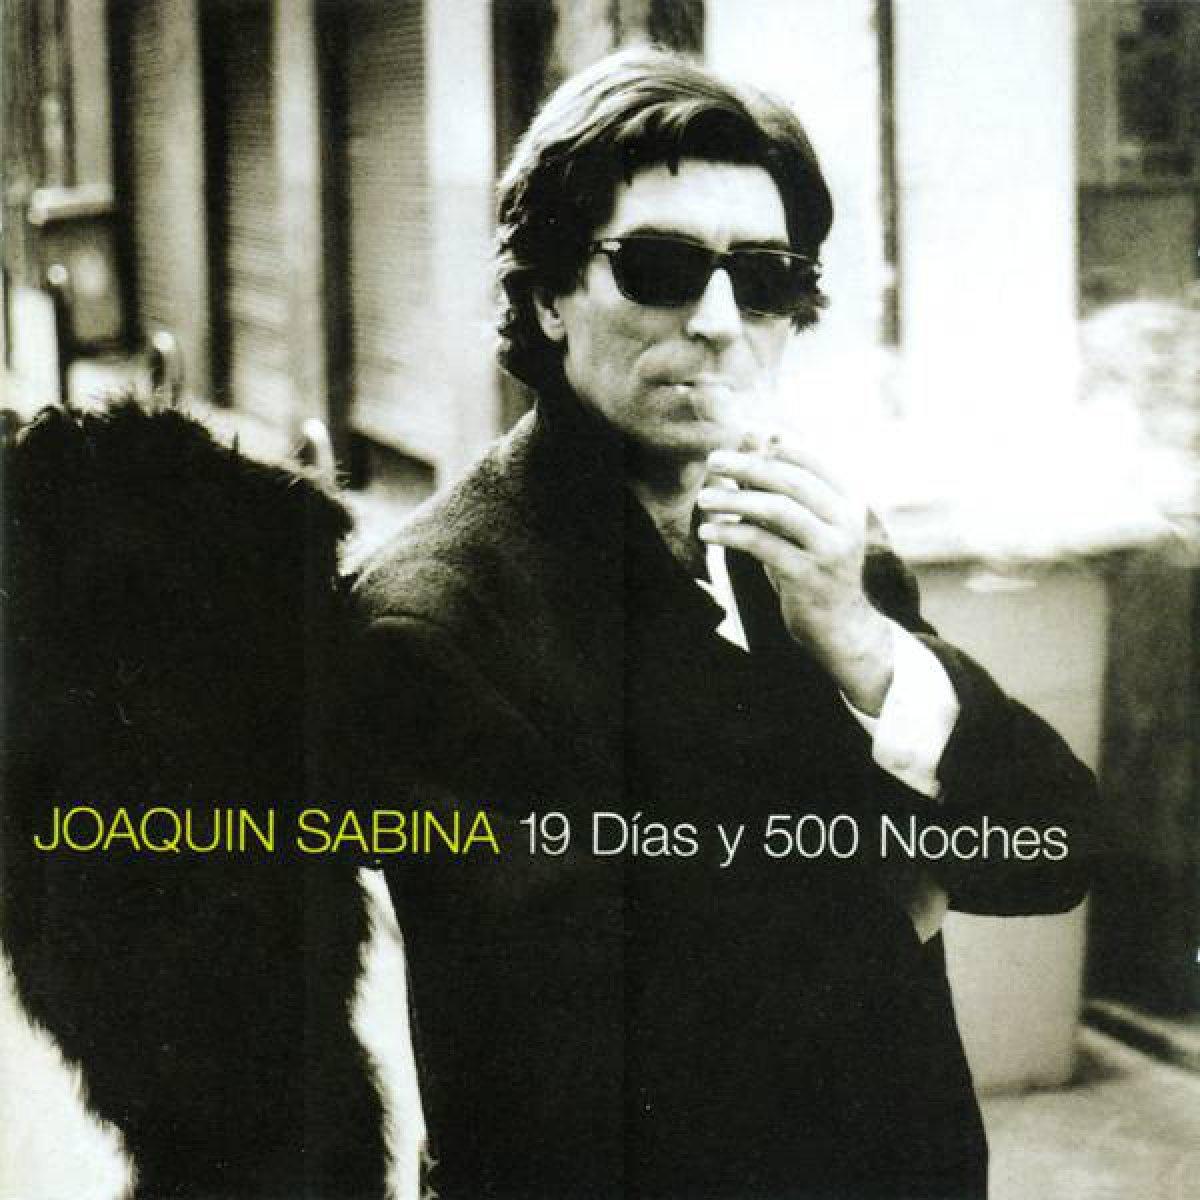 19 días y 500 noches – Joaquín Sabina